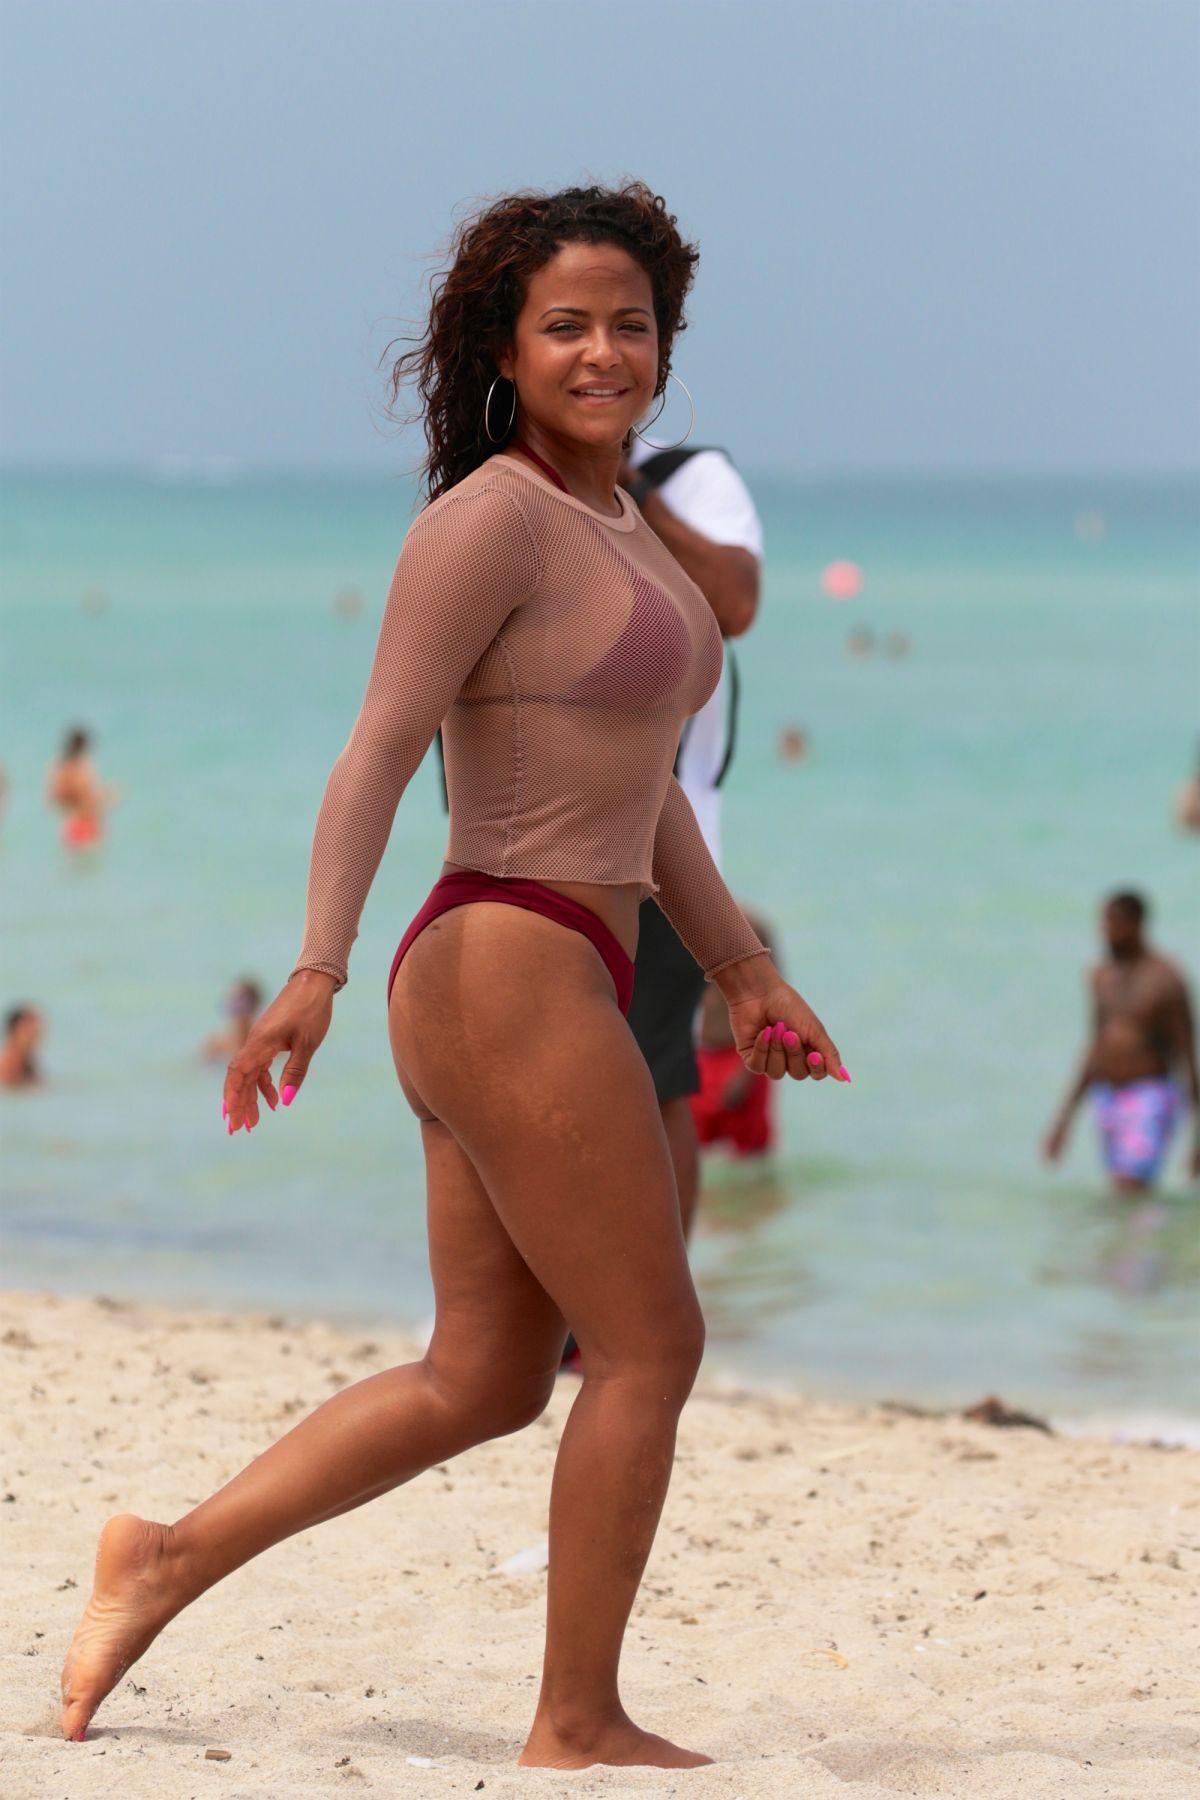 Bikini christina milian photo